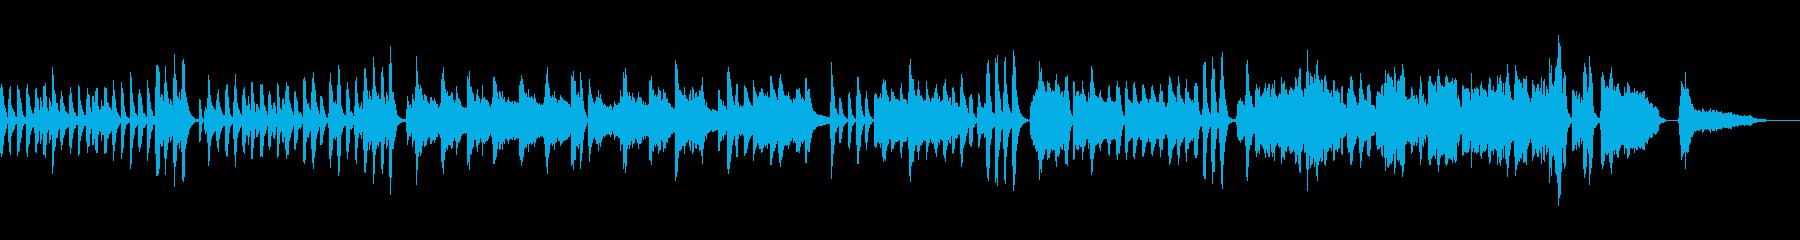 テンポのよい日常的な会話シーンの音楽の再生済みの波形